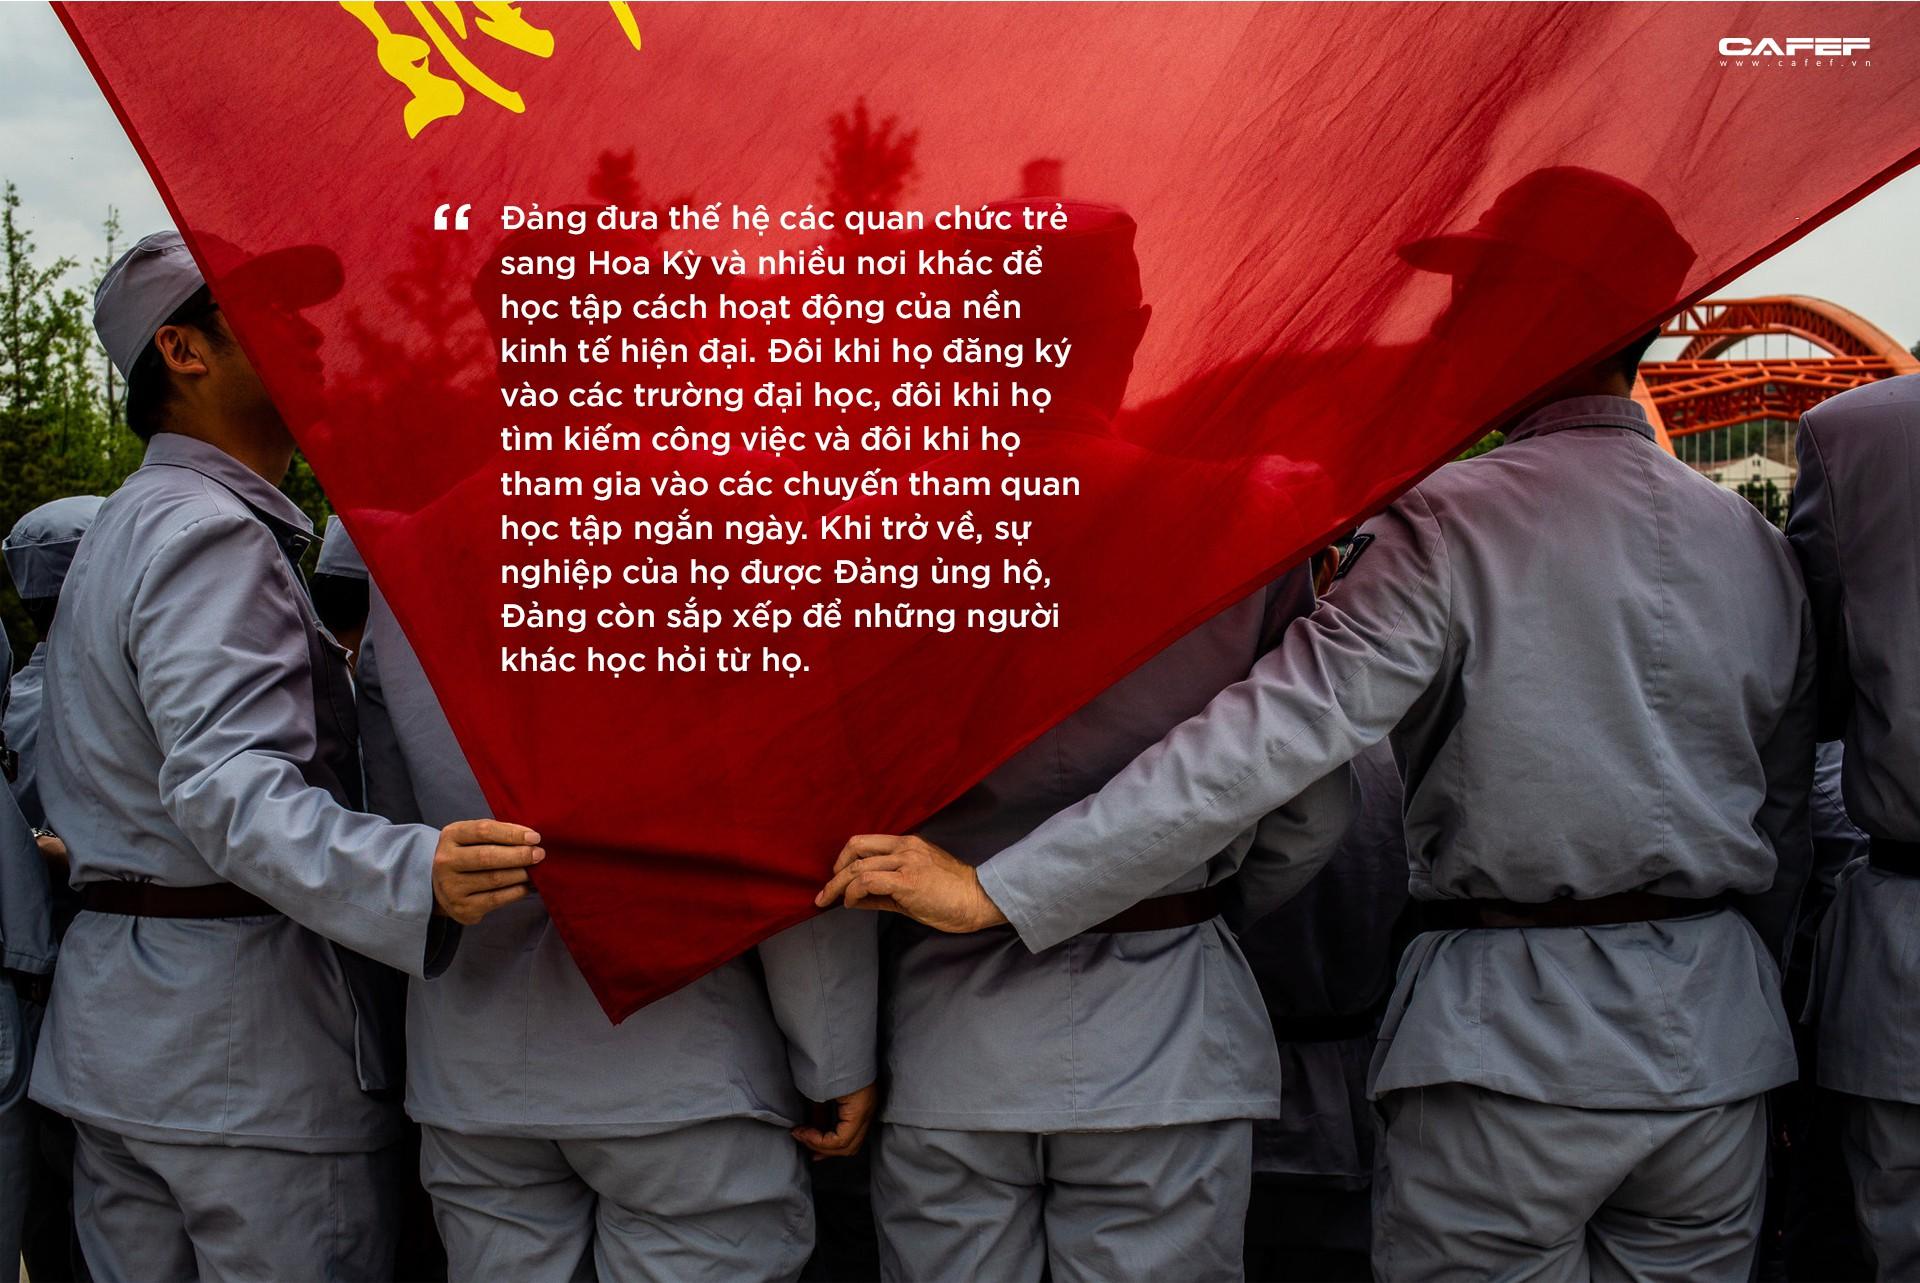 Trung Quốc: Đất nước thất bại trong việc thất bại - Ảnh 15.